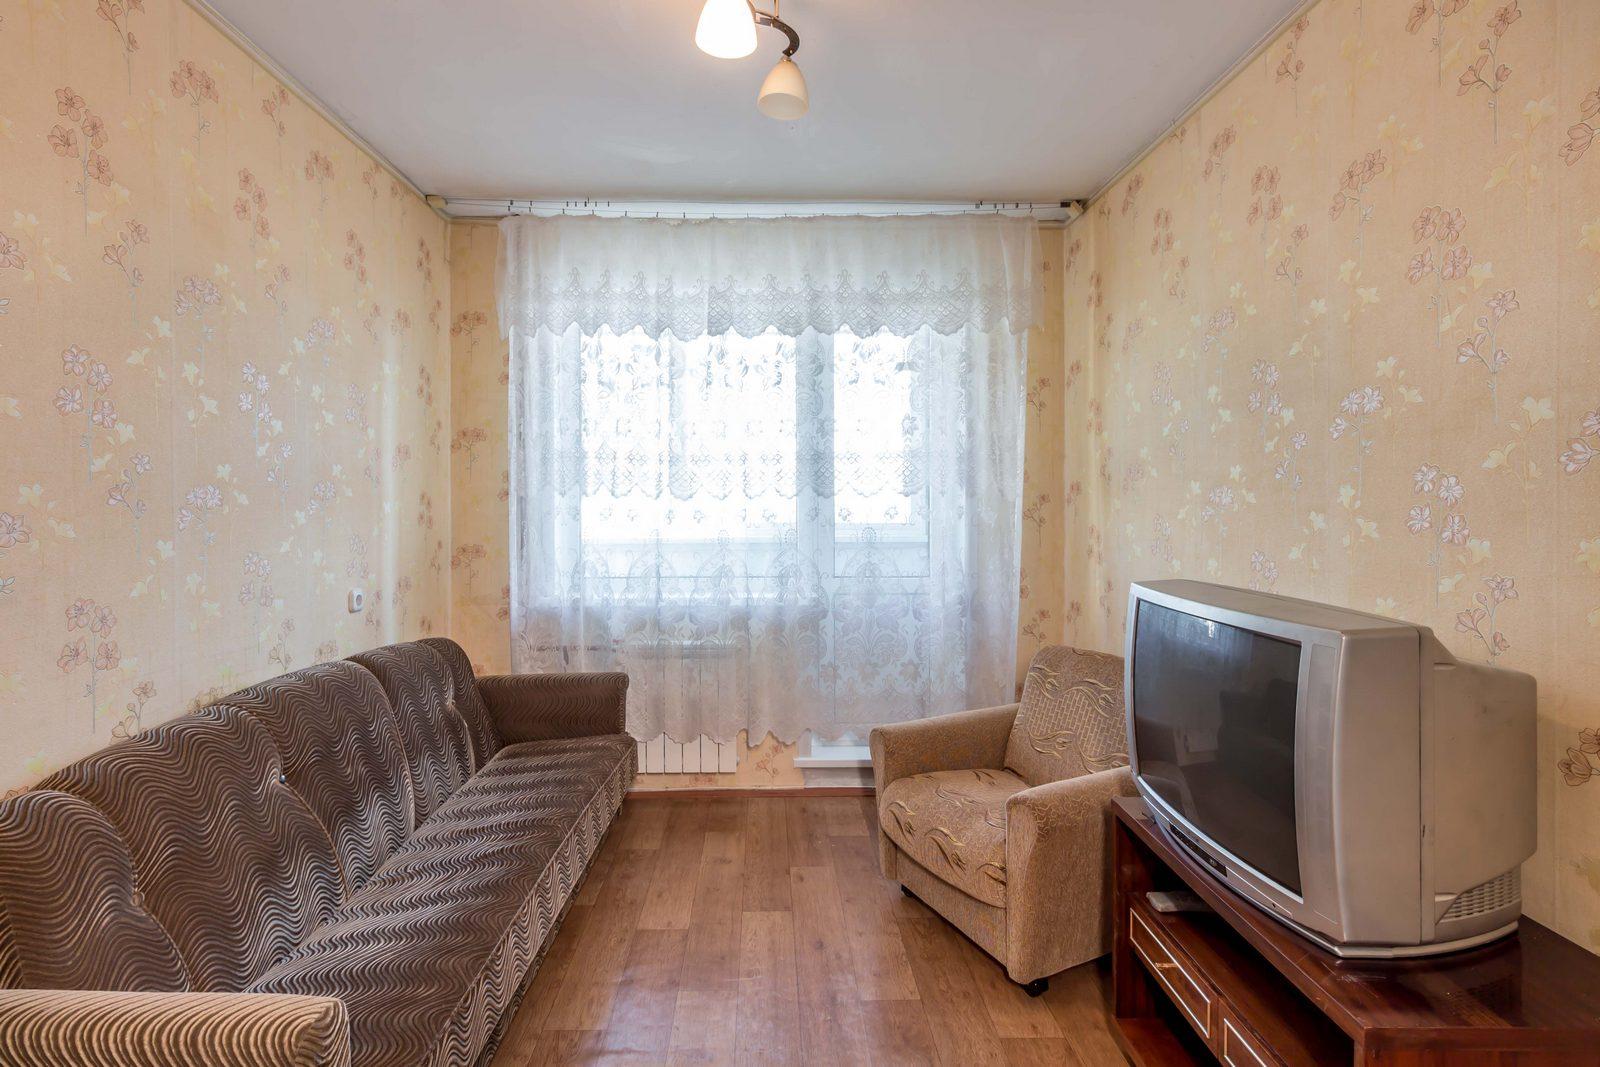 Продажа двухкомнатной квартиры, Минск, Голубева ул., 1 - фото 4